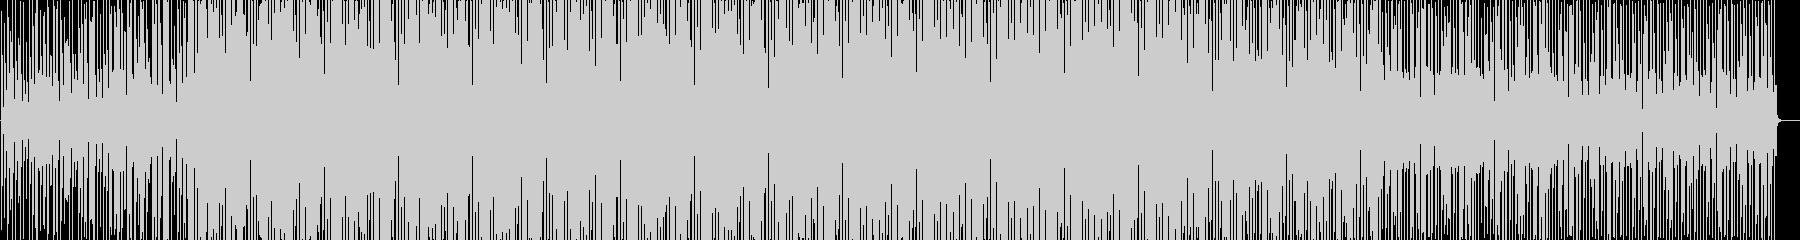 メニュー画面、説明時のBGMに最適の未再生の波形